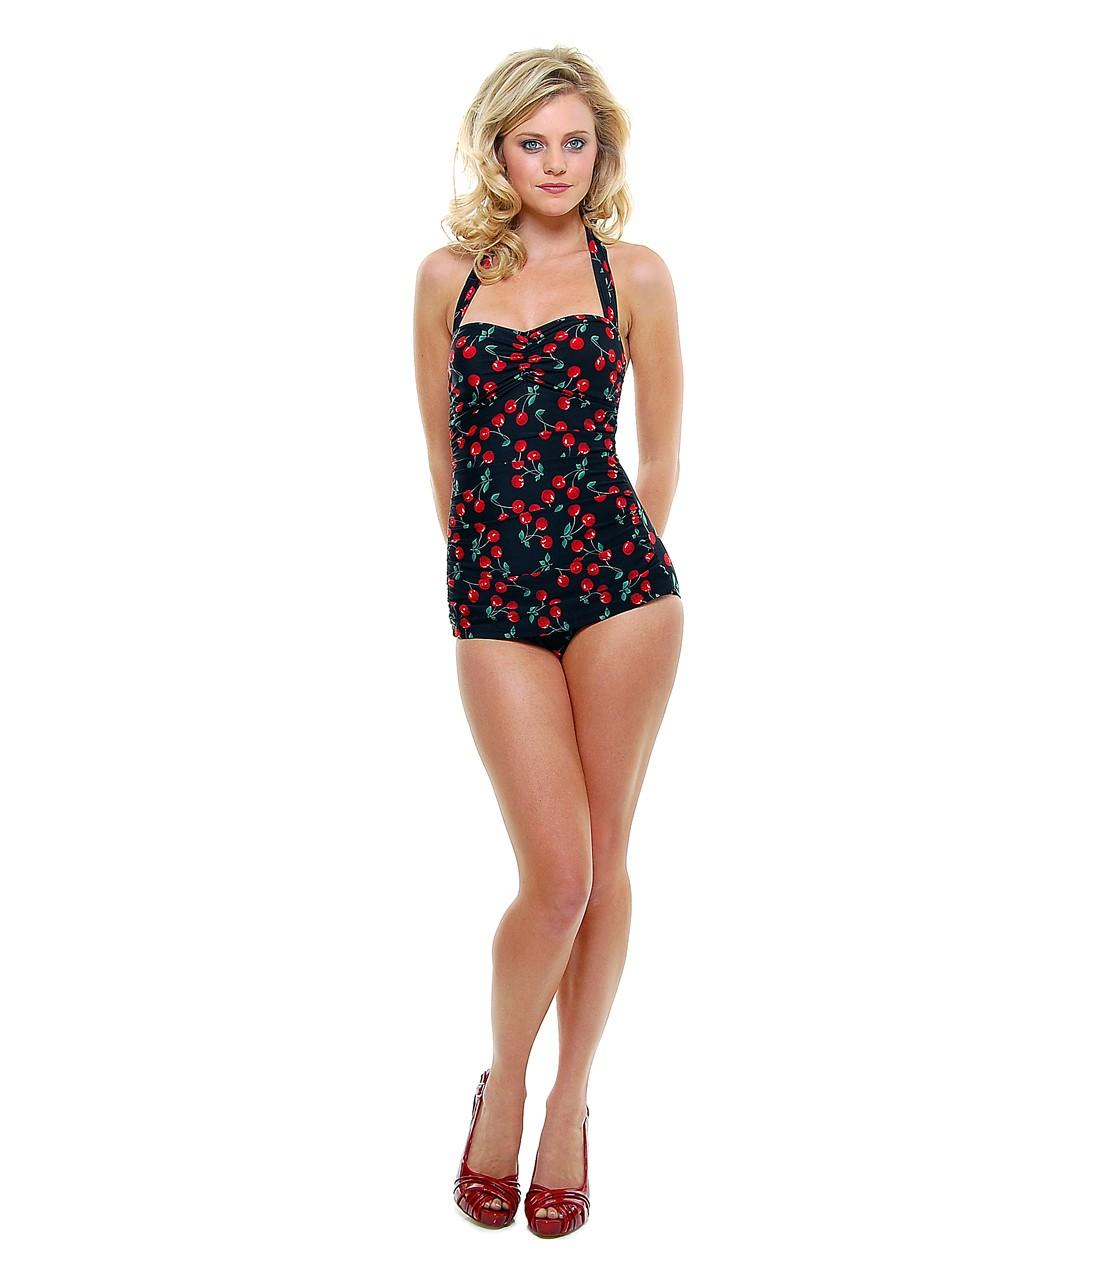 BEST SELLER! Vintage Inspired 1950s Black Cherry Print Swimsuit